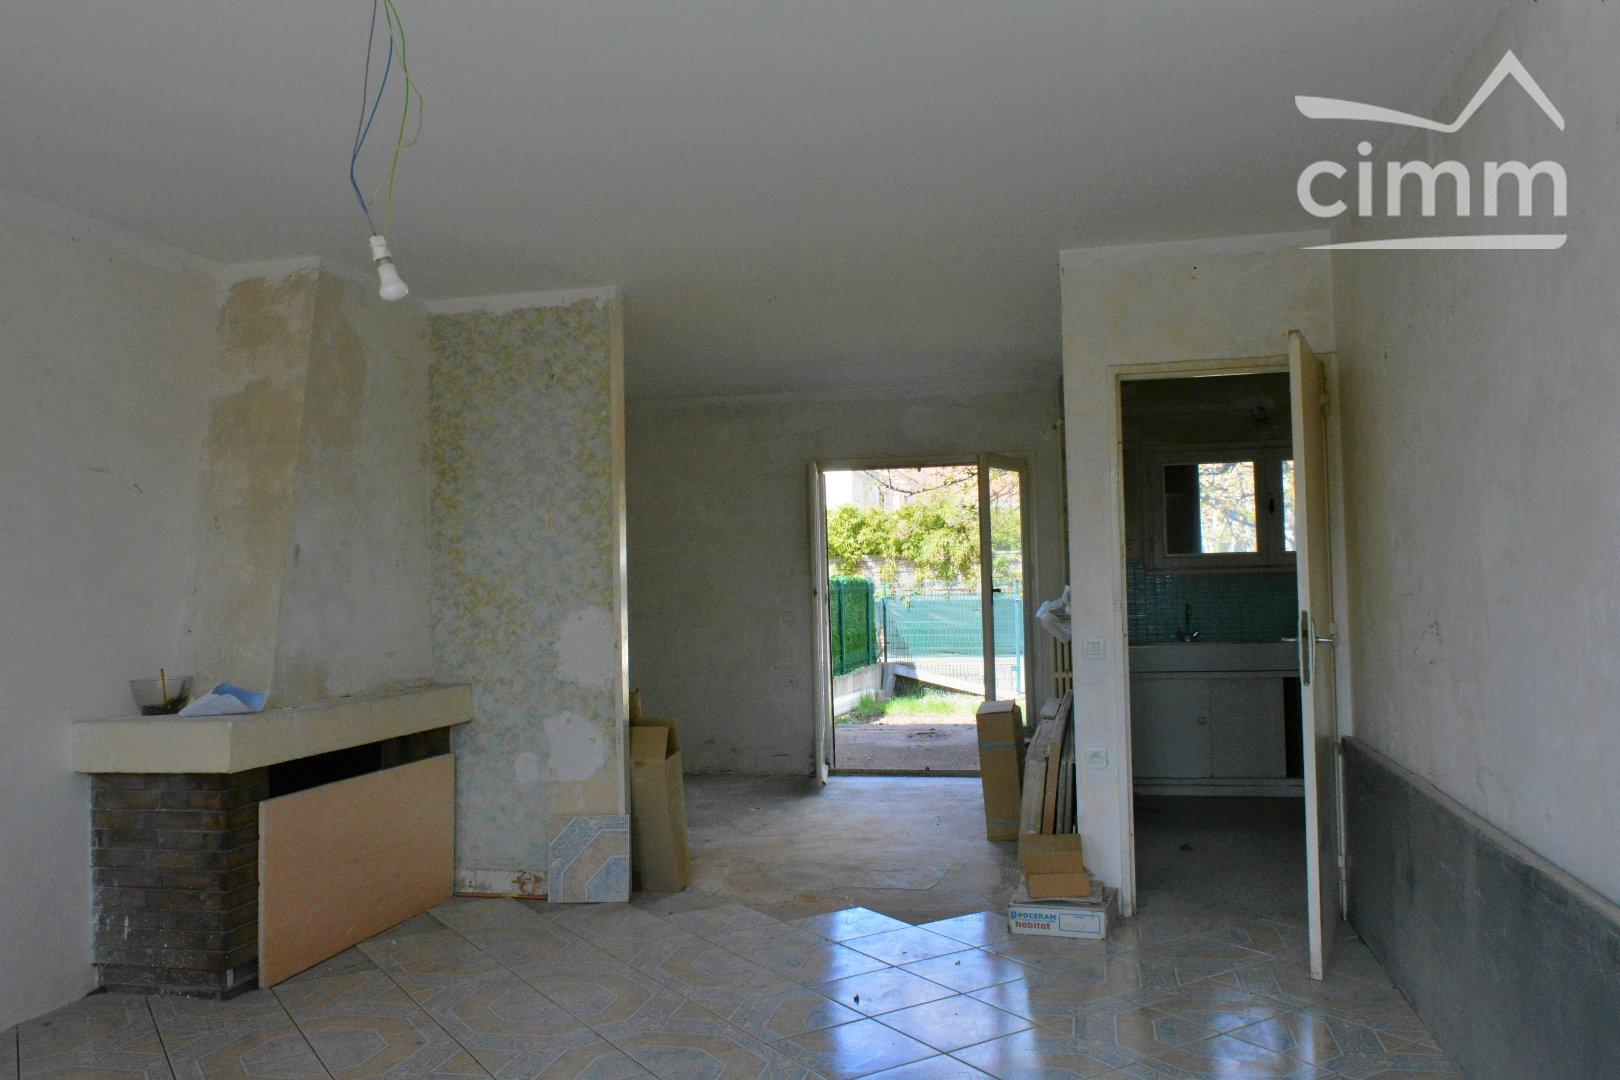 Maison à MARSANNAY-LA-COTE |  139 000 €